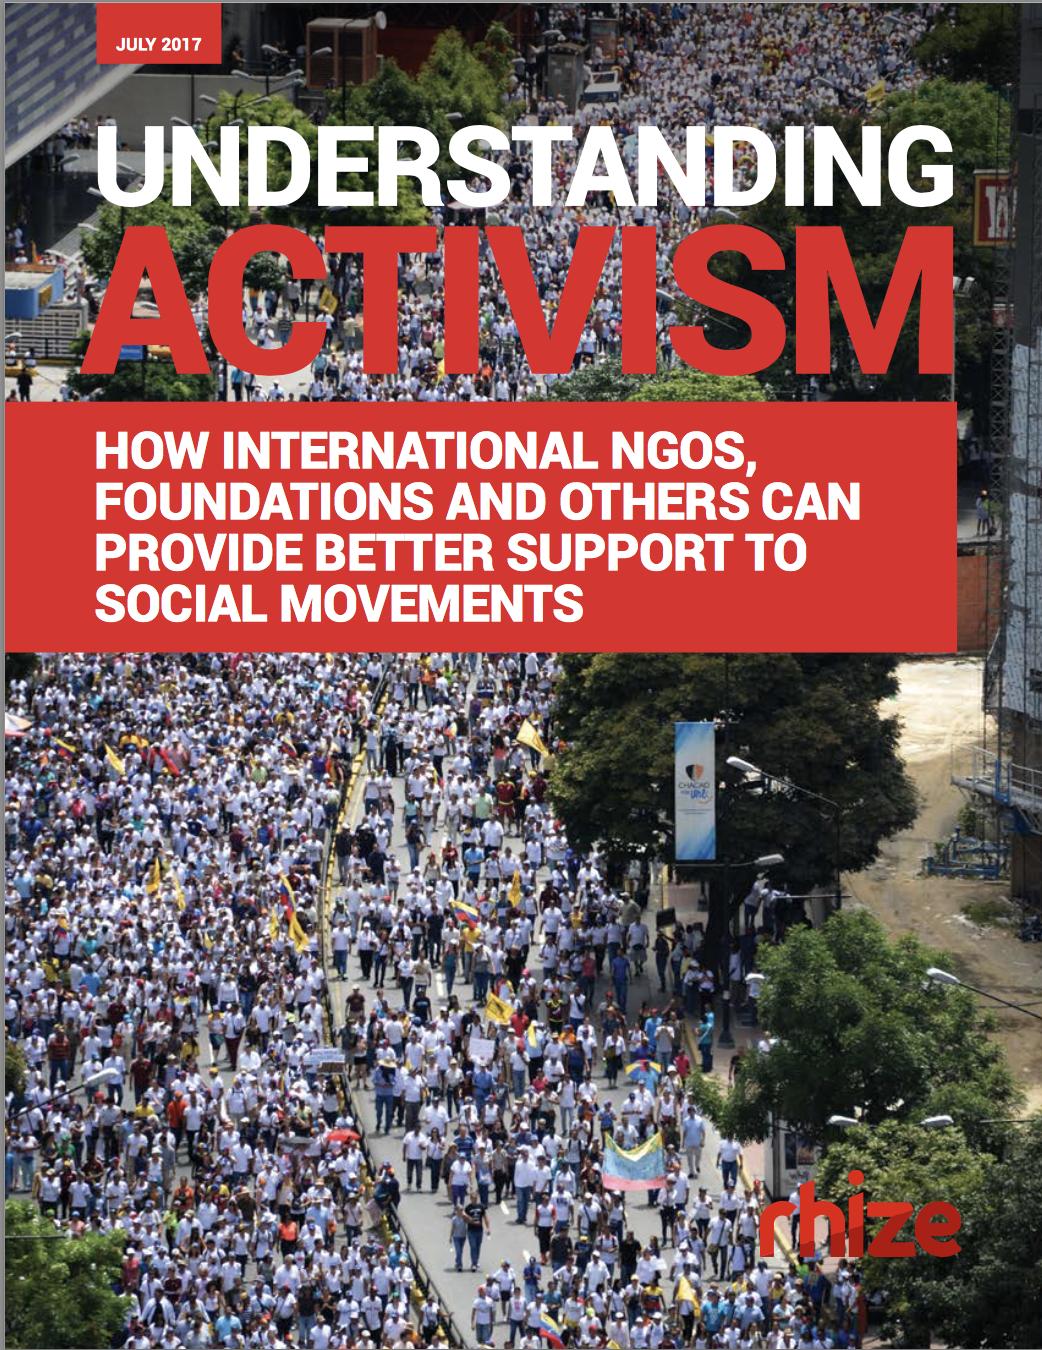 Understanding Activism Report Cover